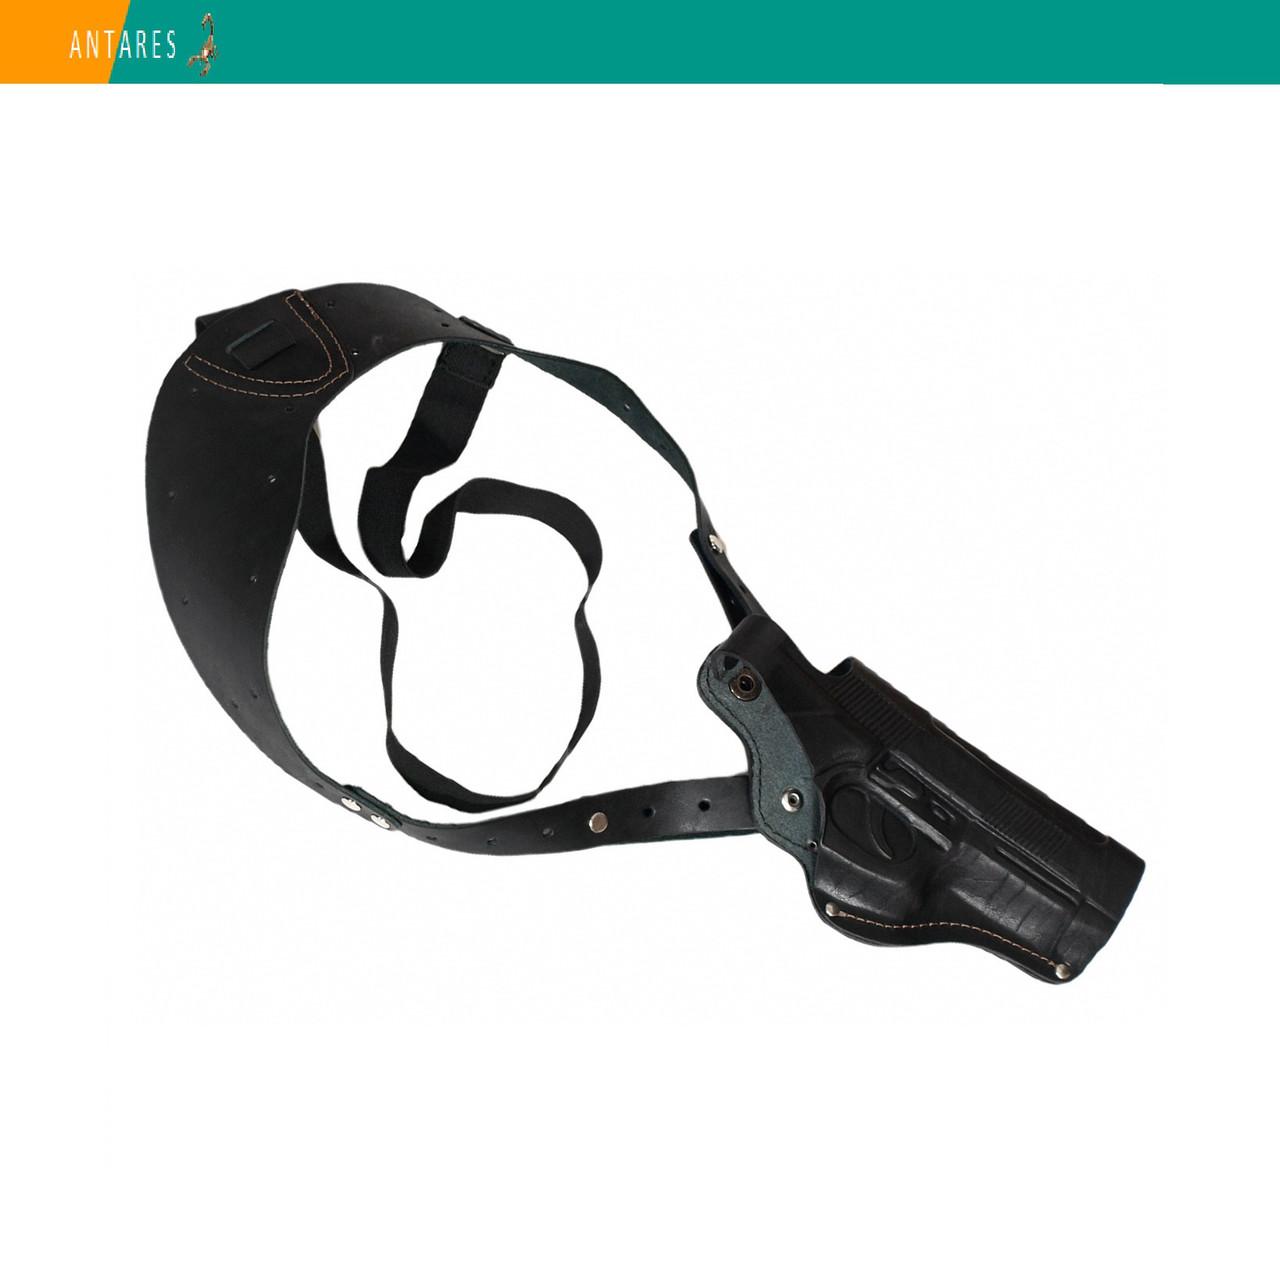 Кобура Beretta M-92 оперативная натуральная кожа (005) плечевое ношение под мышкой